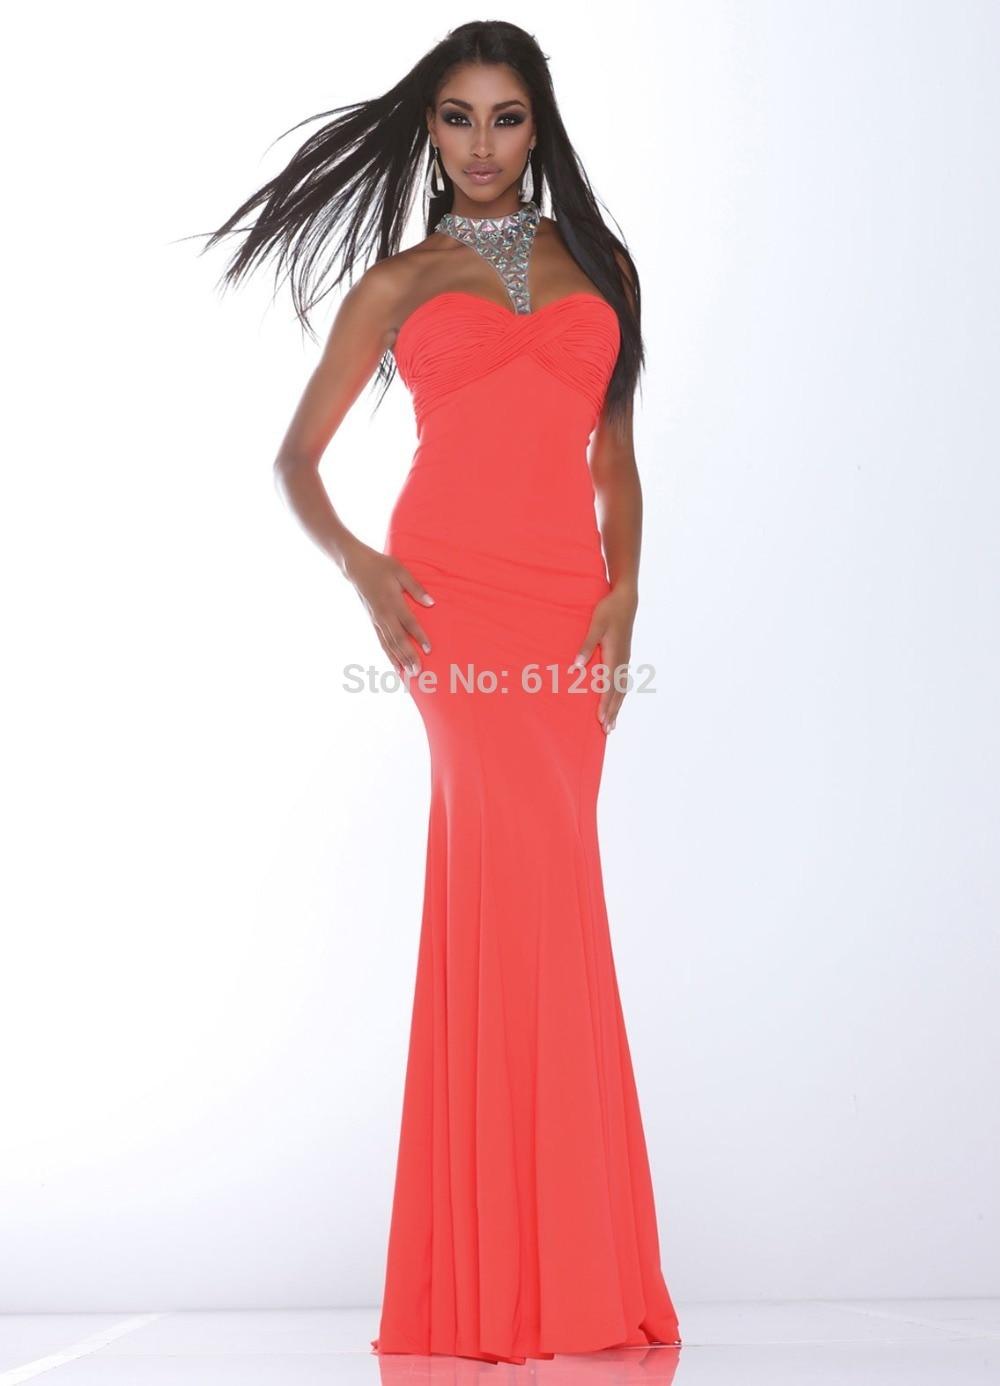 bbe362cd3 Sexy Espalda Abierta Cristales Gasa Vestidos de Baile Apretado Y Largo en  Vestidos de baile de Bodas y eventos en AliExpress.com